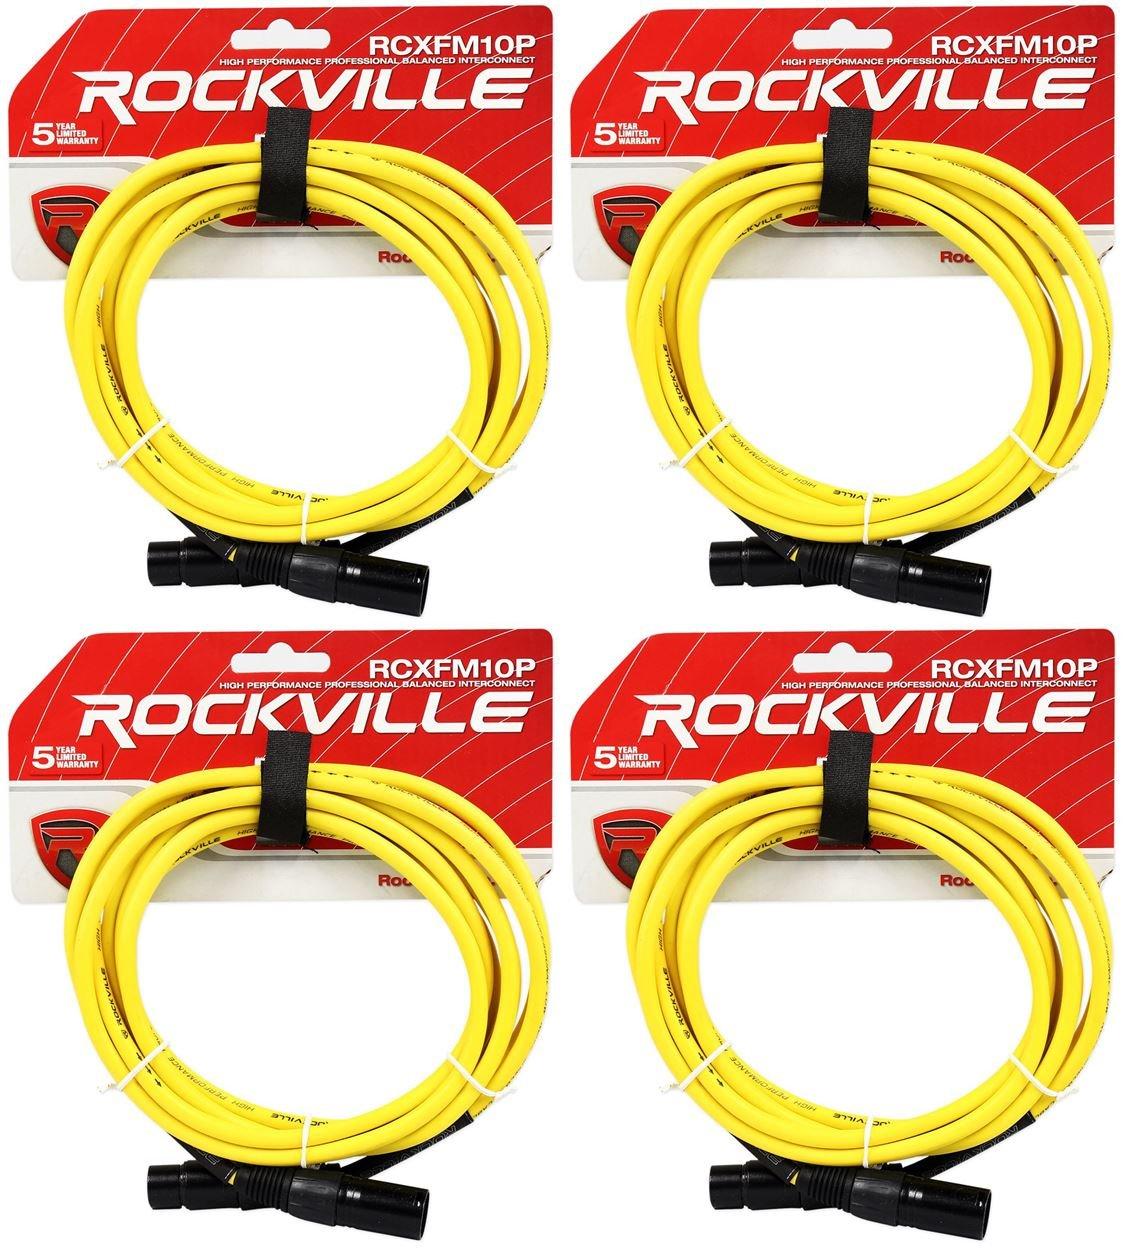 4ロックビルrcxfm10p-yイエロー10 'メスtoオスREAN XLRマイクケーブル100 %銅 B01N3PNMW7